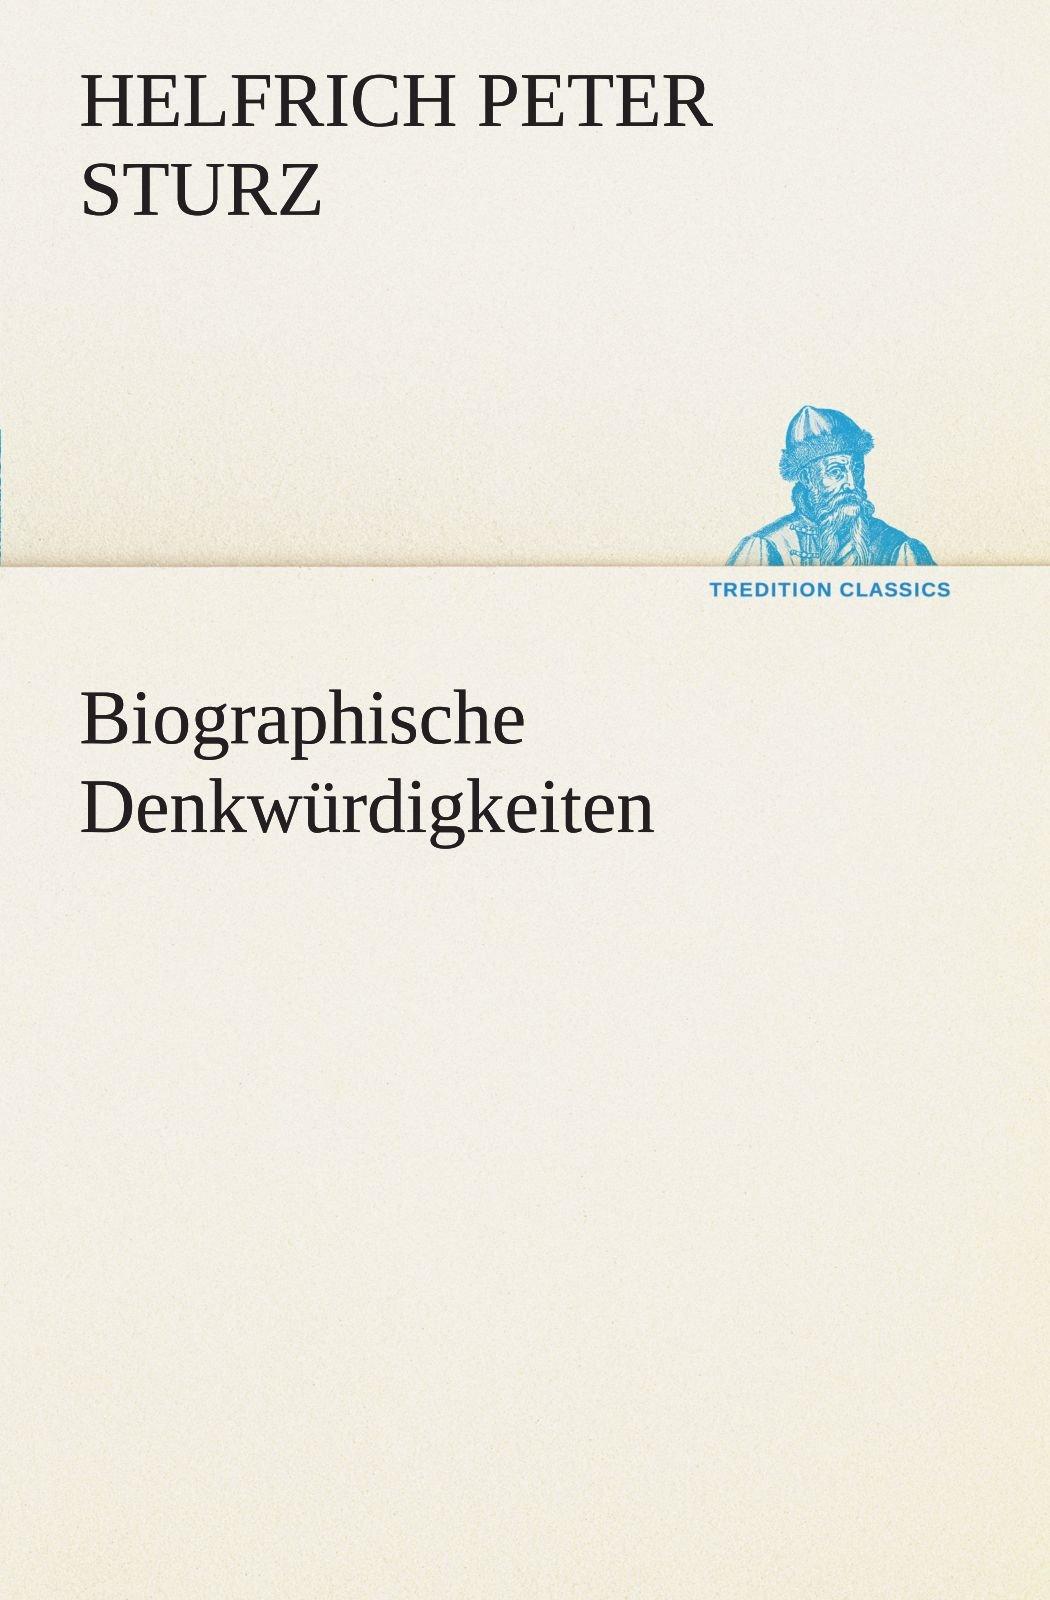 Biographische Denkwürdigkeiten (TREDITION CLASSICS) (German Edition) pdf epub